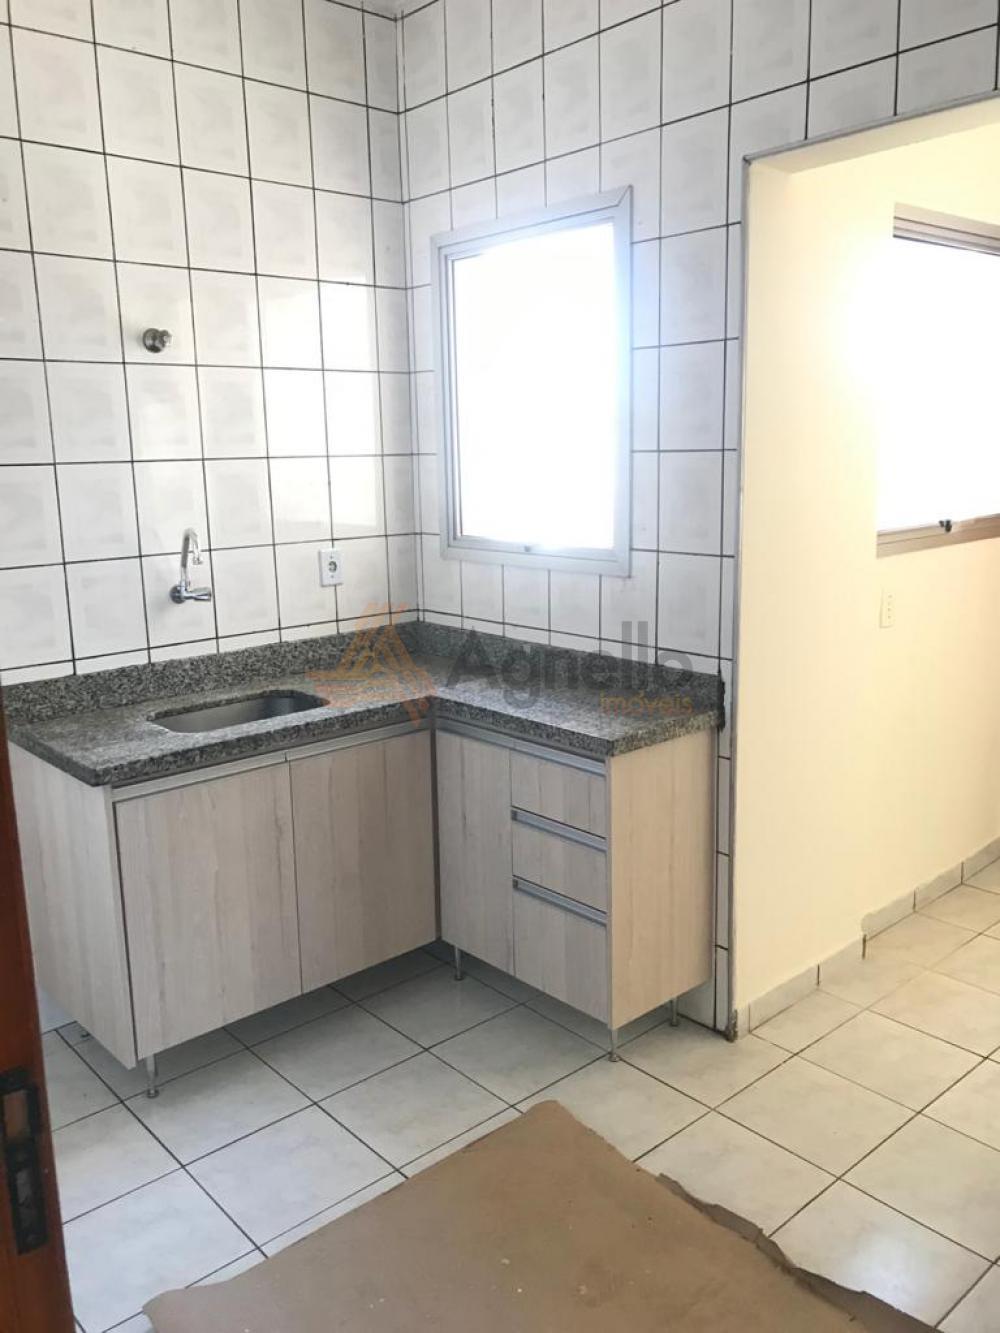 Comprar Apartamento / Padrão em Franca apenas R$ 250.000,00 - Foto 6